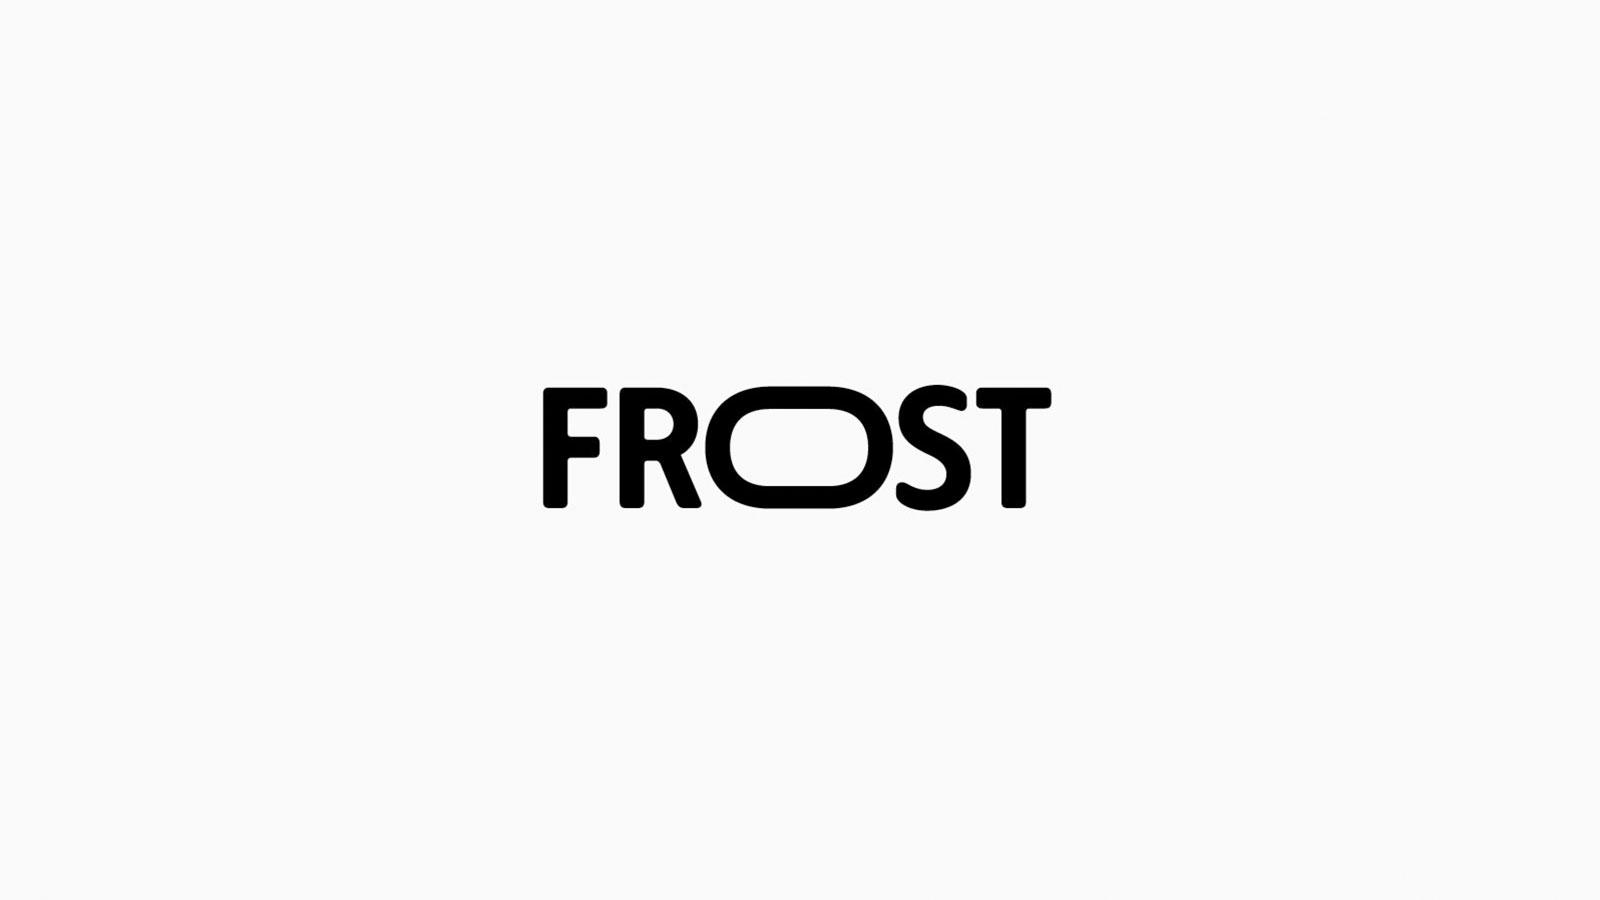 Frost_2012_010.jpg